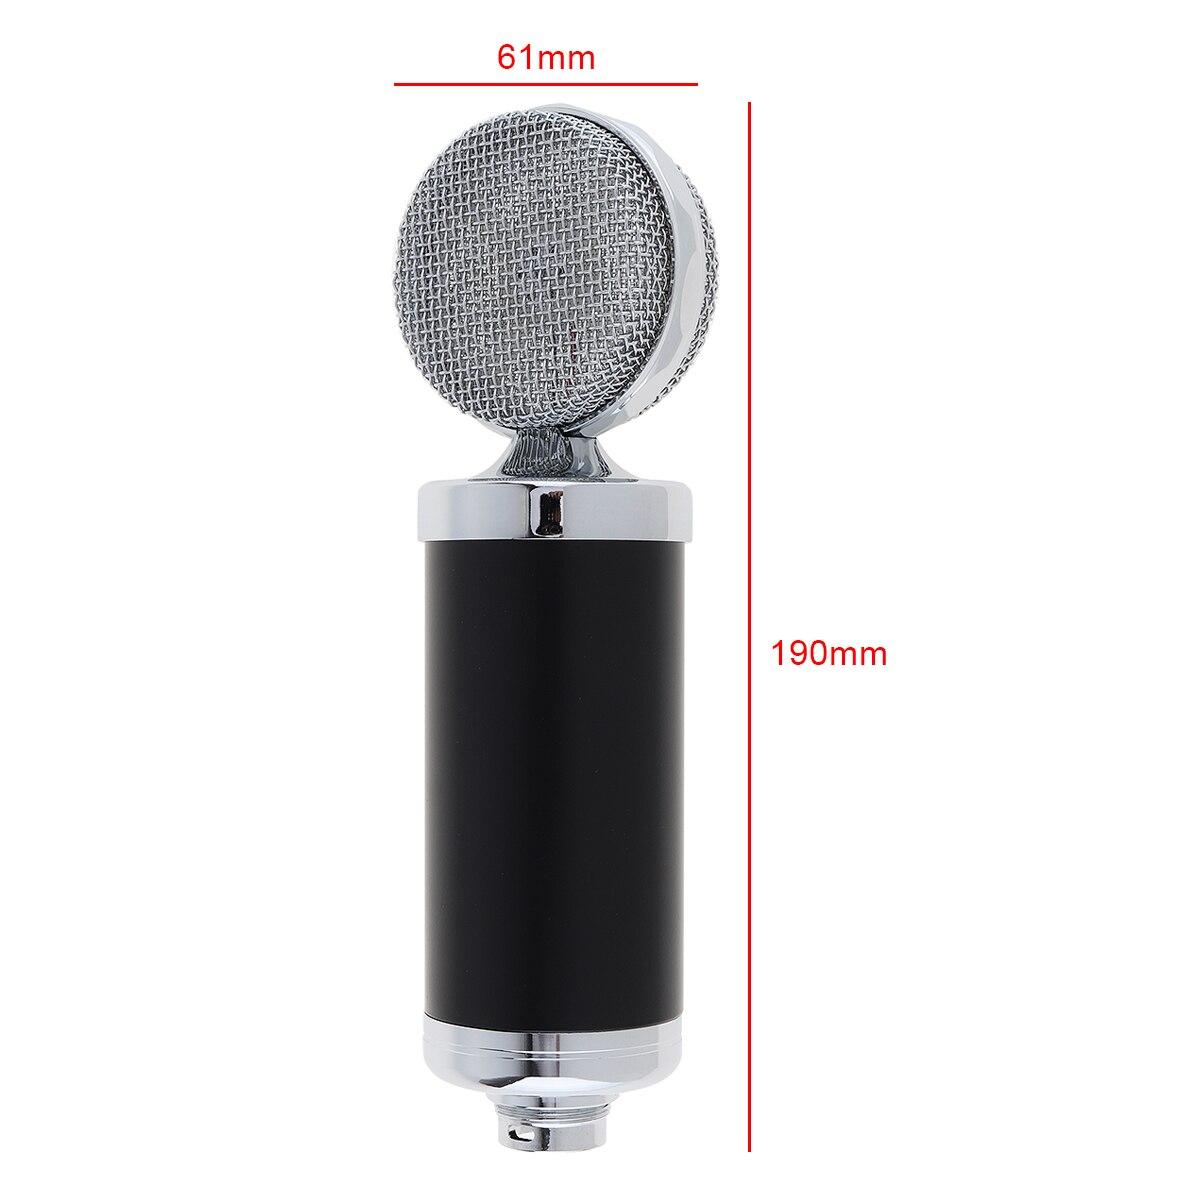 Profissional microfone condensador especial bm 5000 com controle de circuito e cabeça grande diafragma banhado a ouro para estúdio/ktv